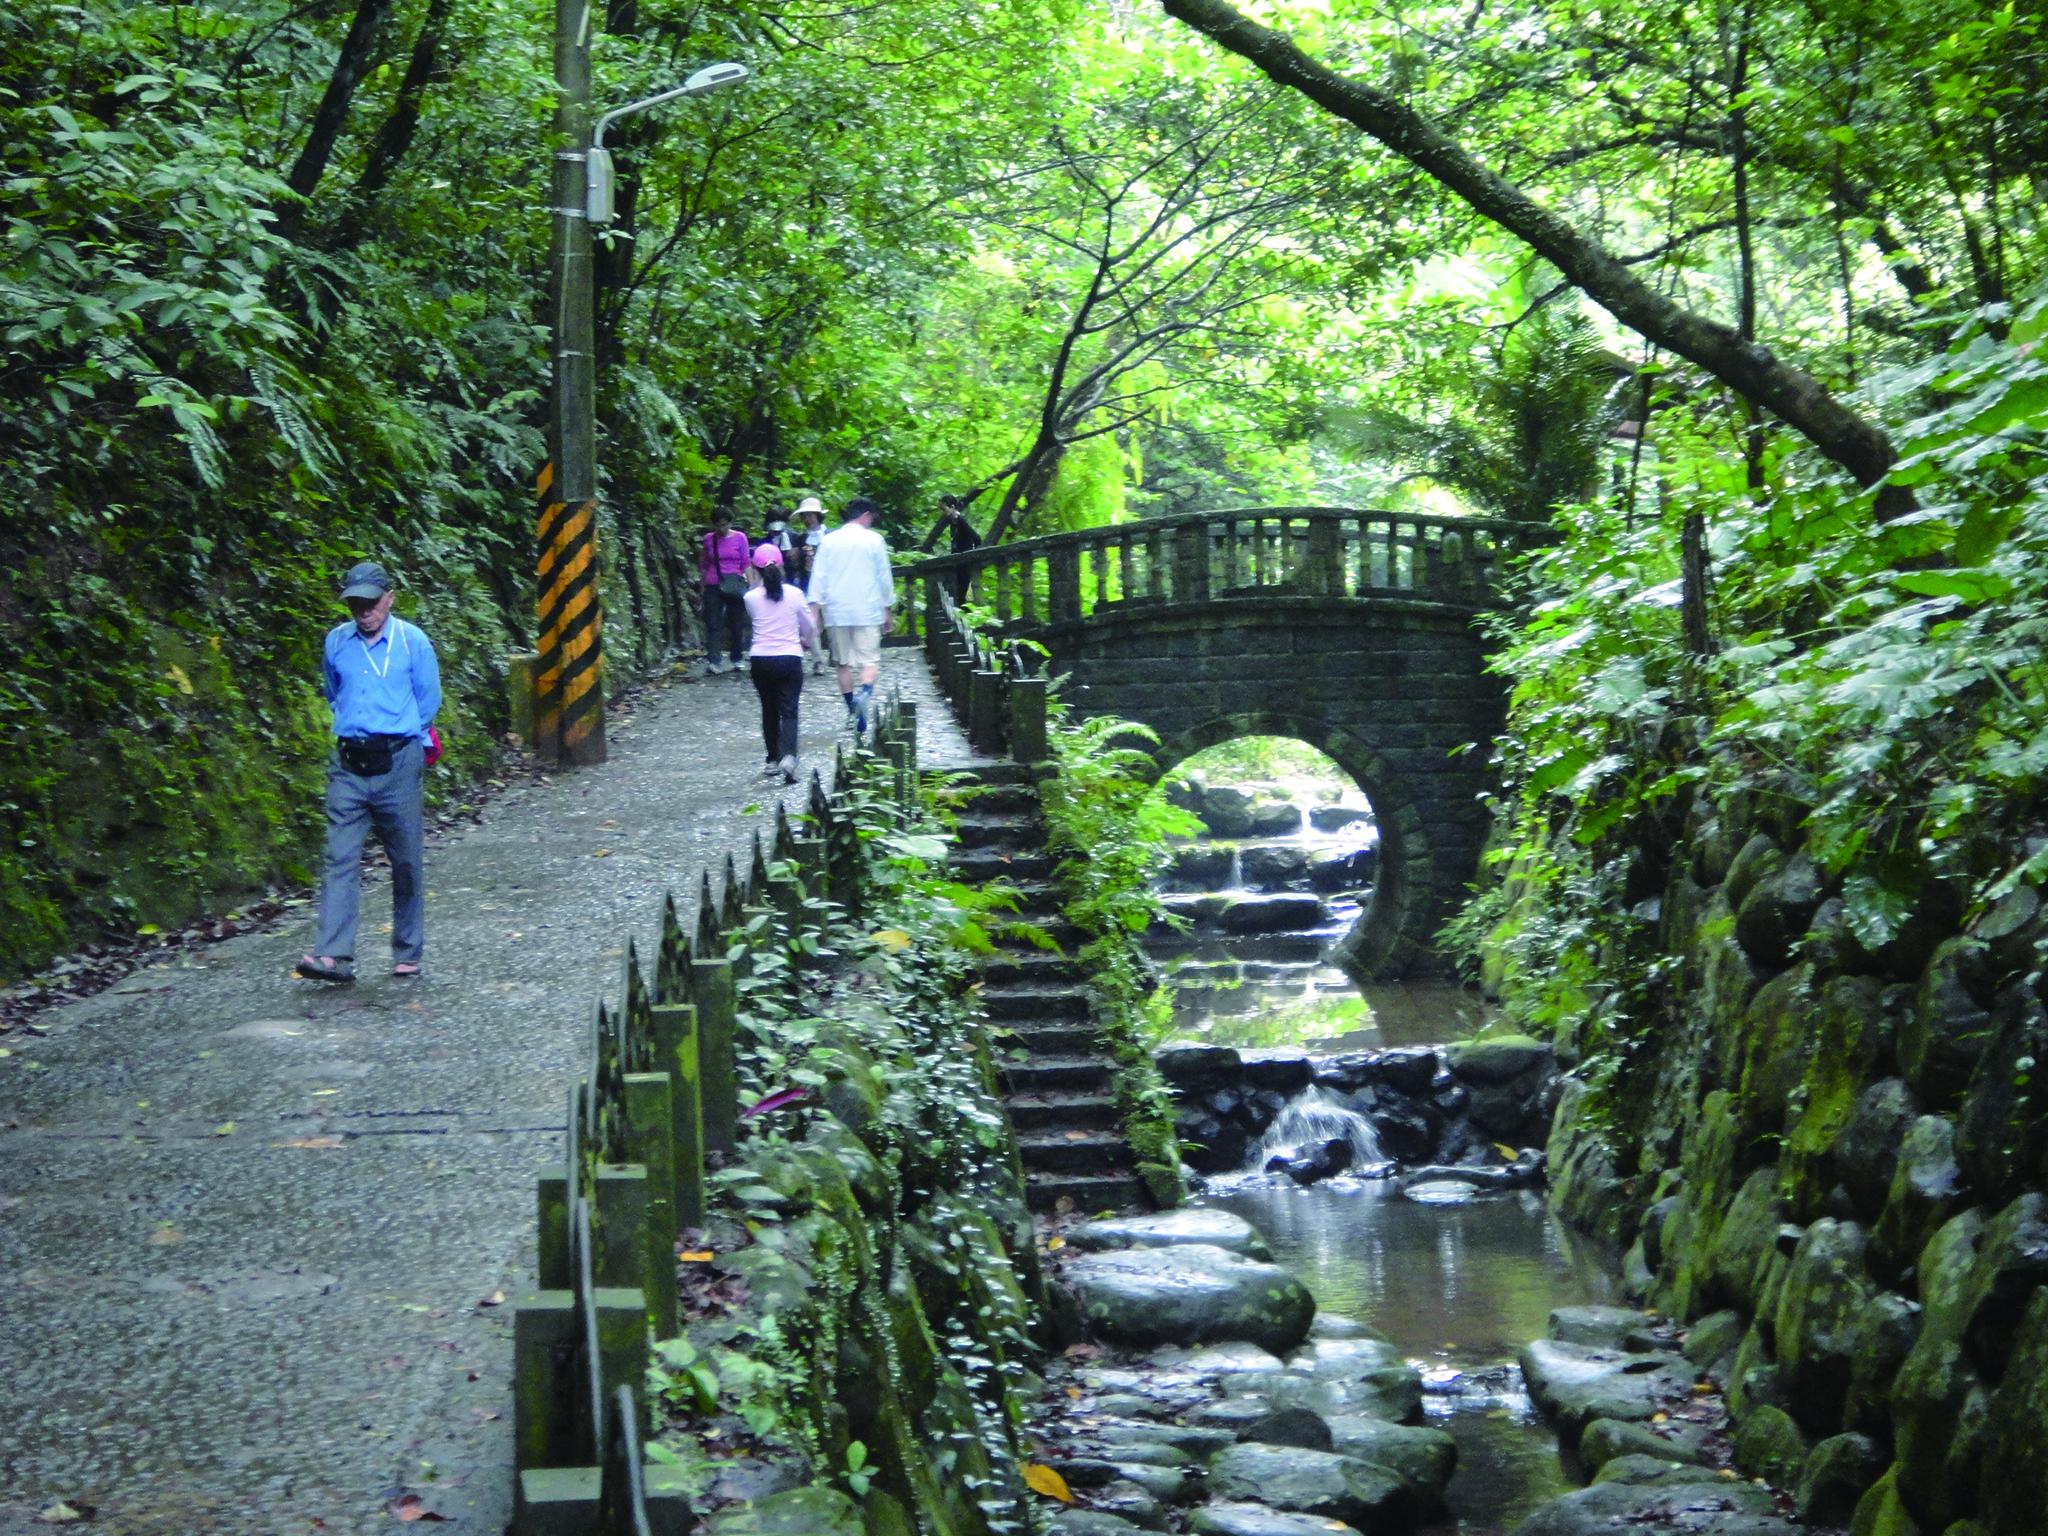 虎山溪步道(圖片提供/台北市政府工務局大地工程處)。